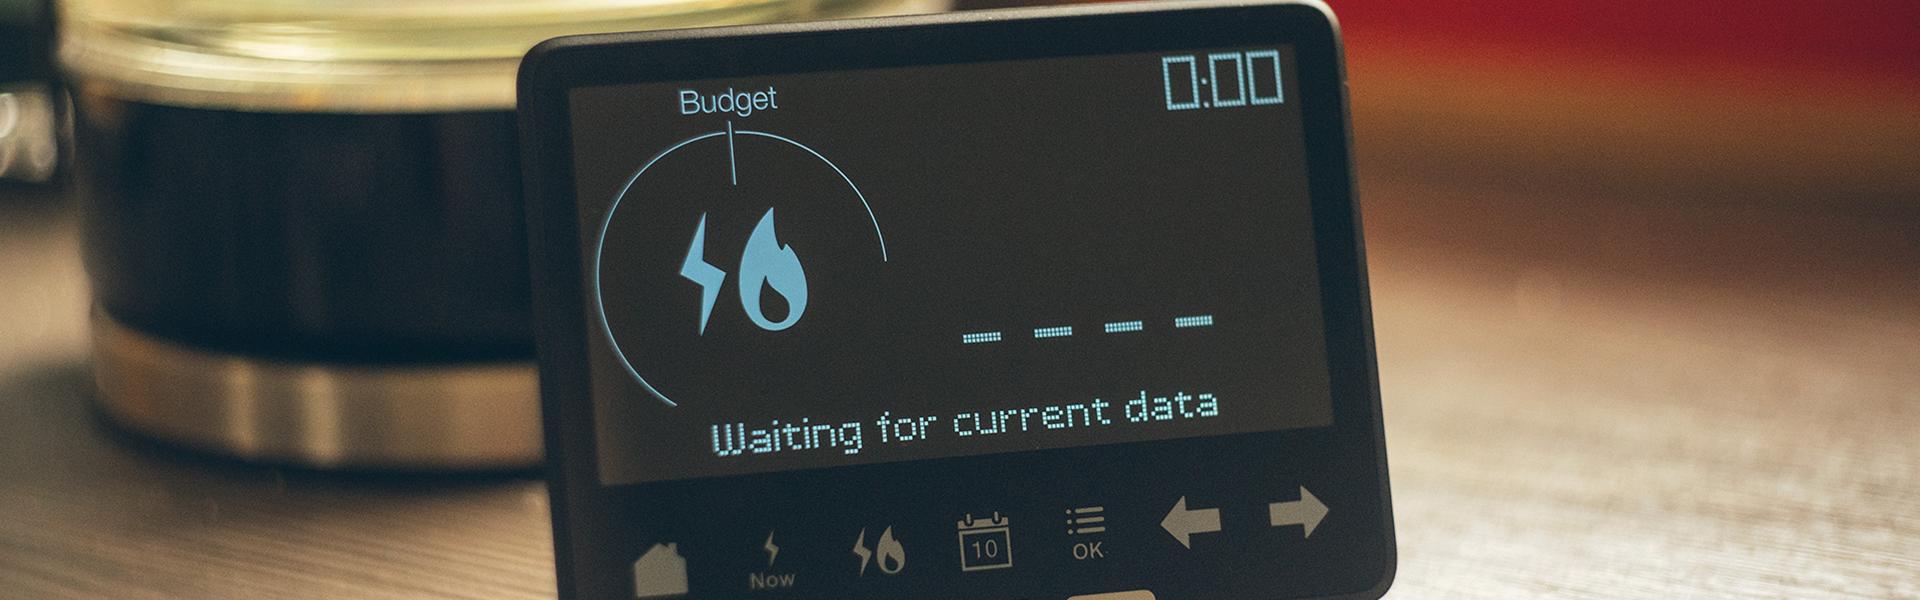 Smart Meter Data